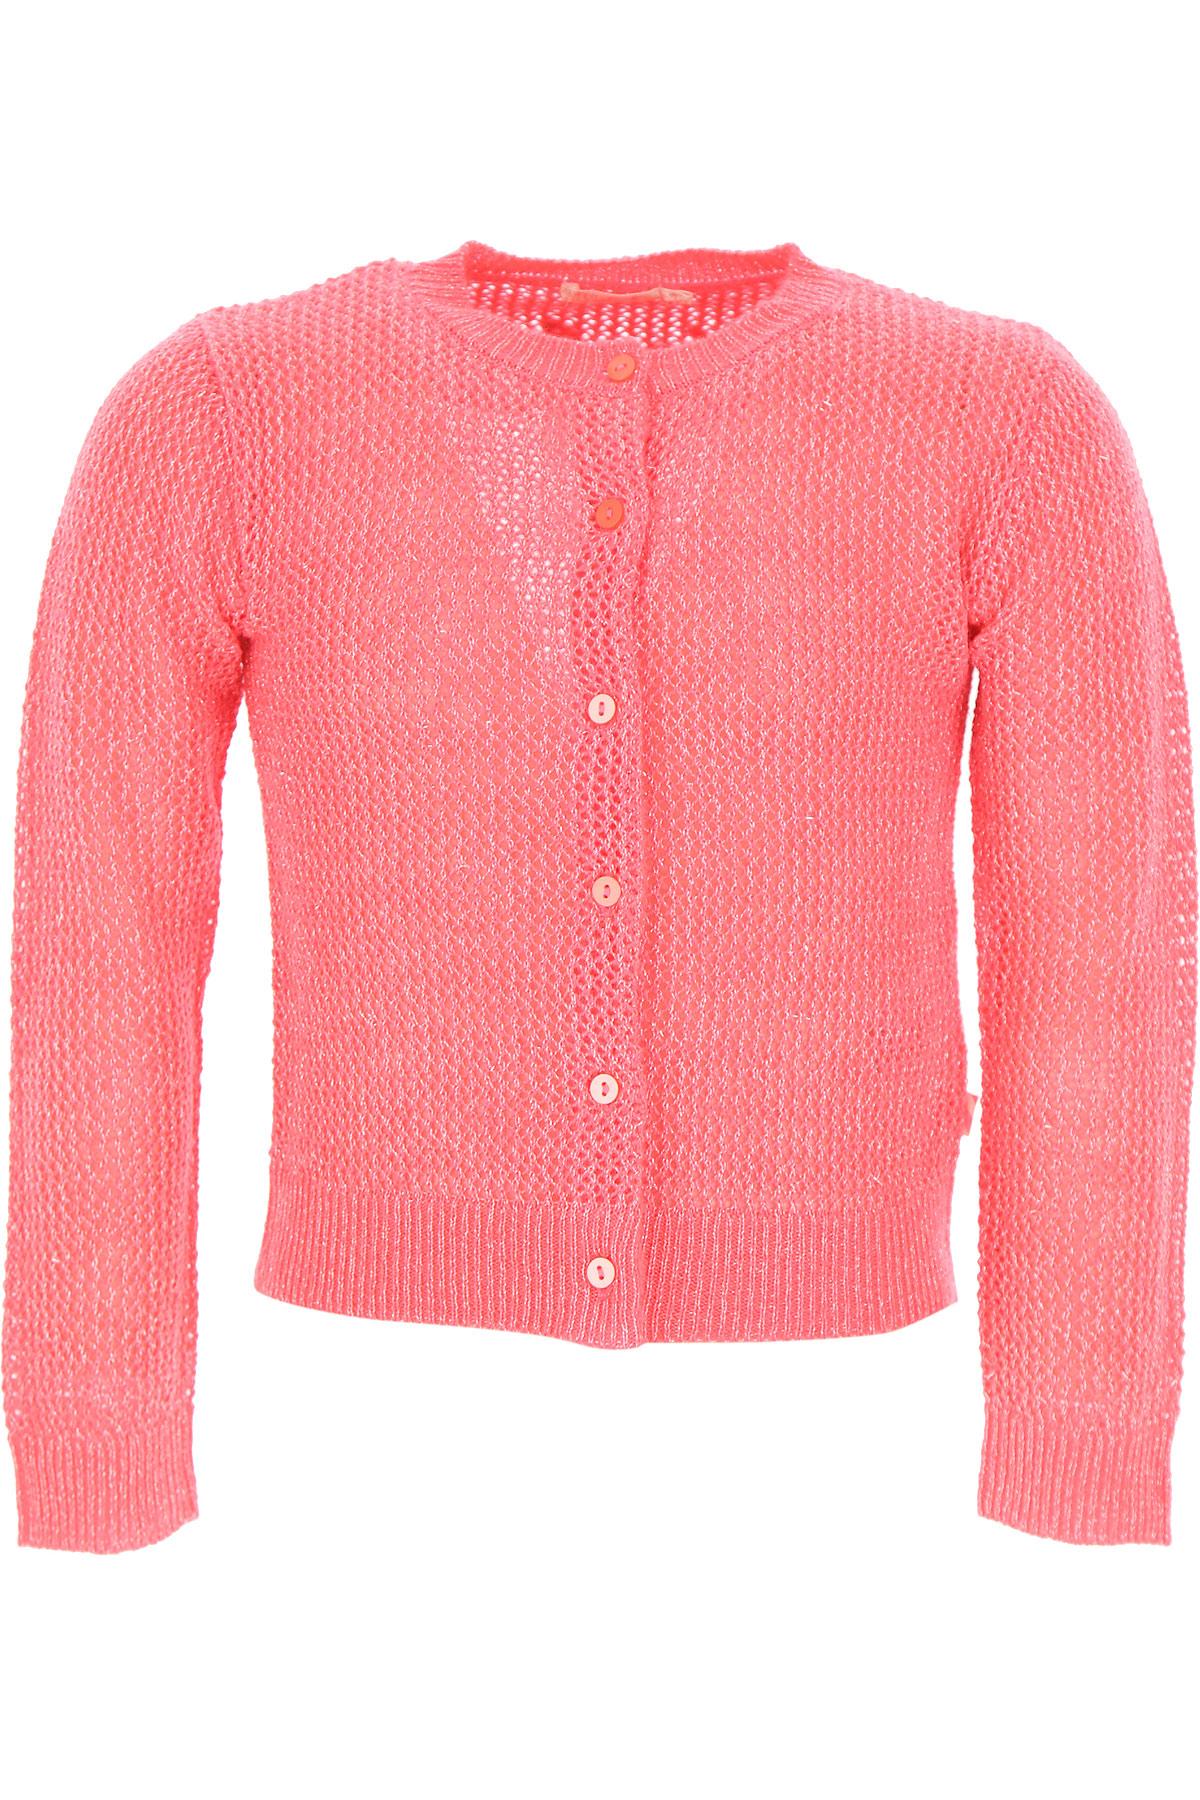 Image of Billieblush Kids Sweaters for Girls, Fluo Fuchsia, Acrylic, 2017, 10Y 2Y 4Y 6Y 8Y